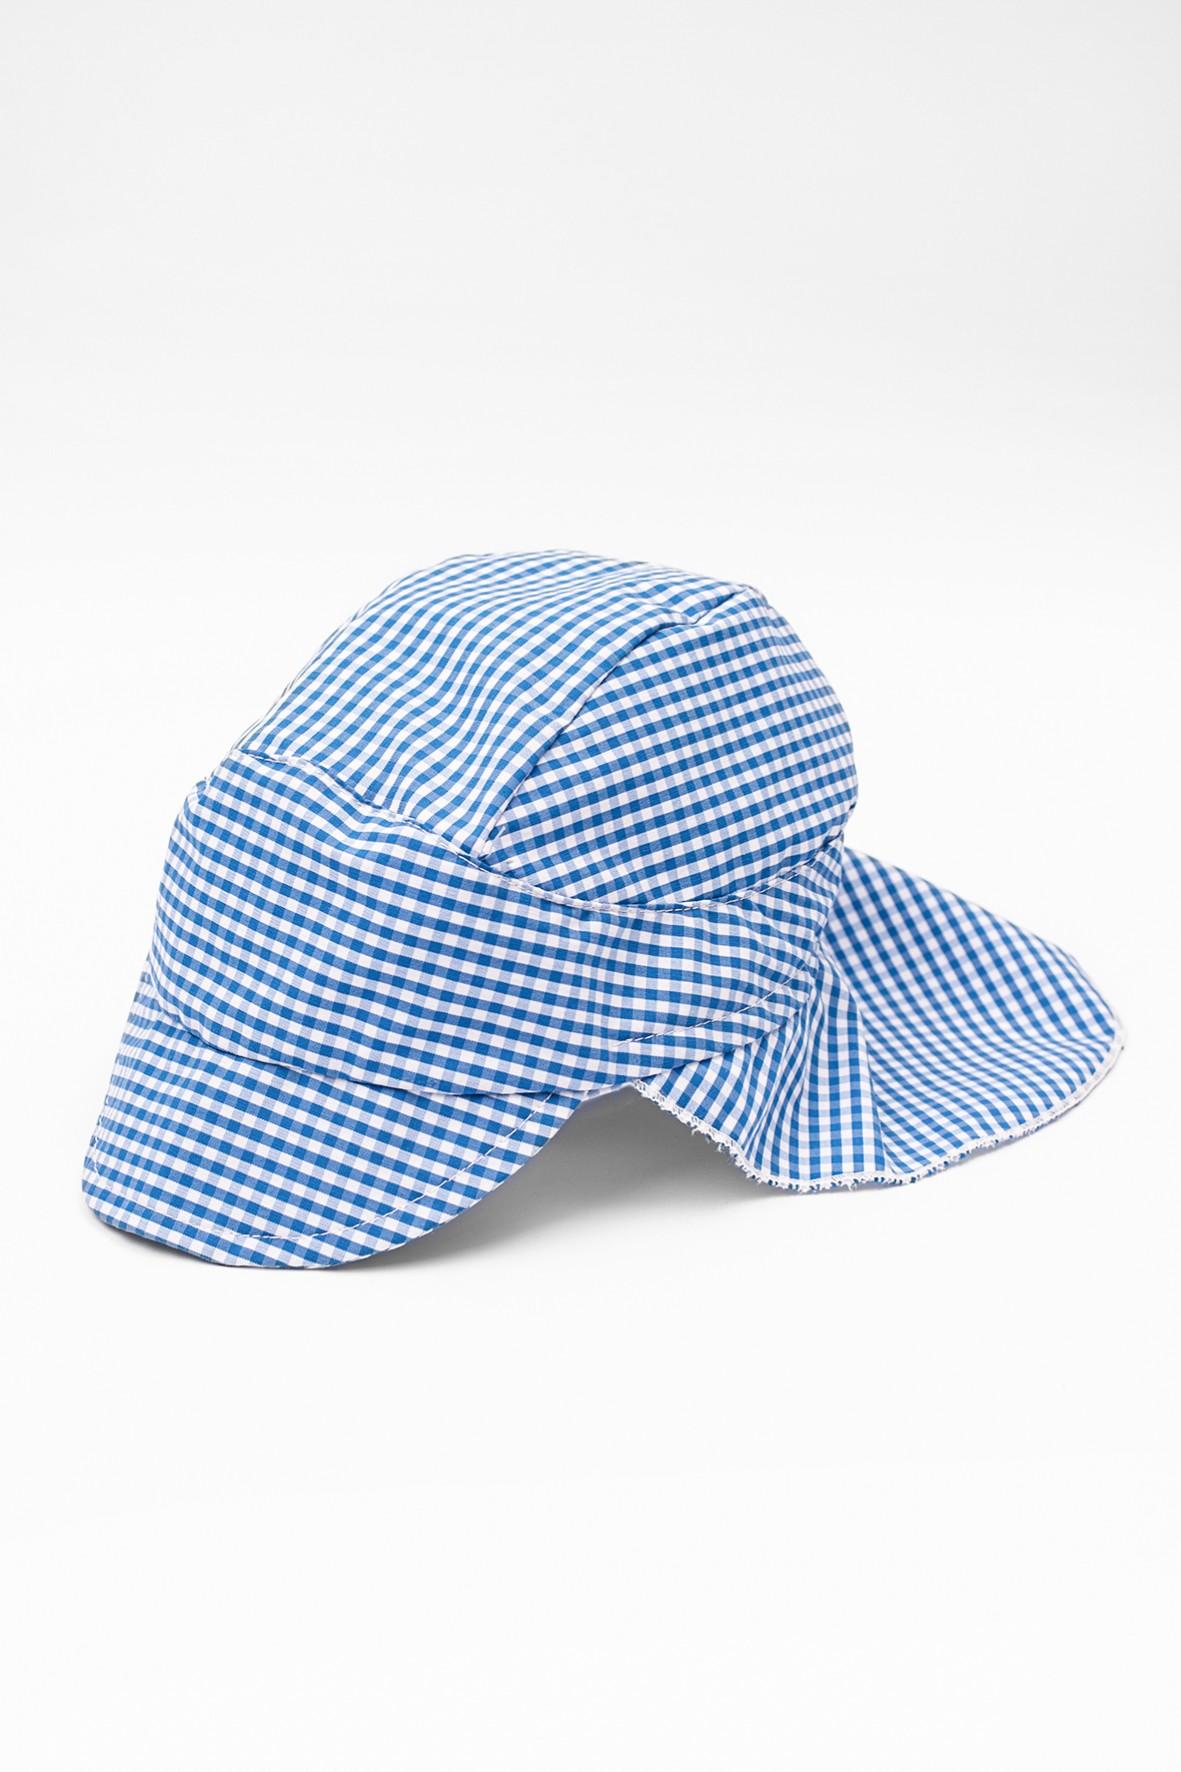 Niemowlęca czapka z daszkiem i okryciem na kark- niebieska kratka